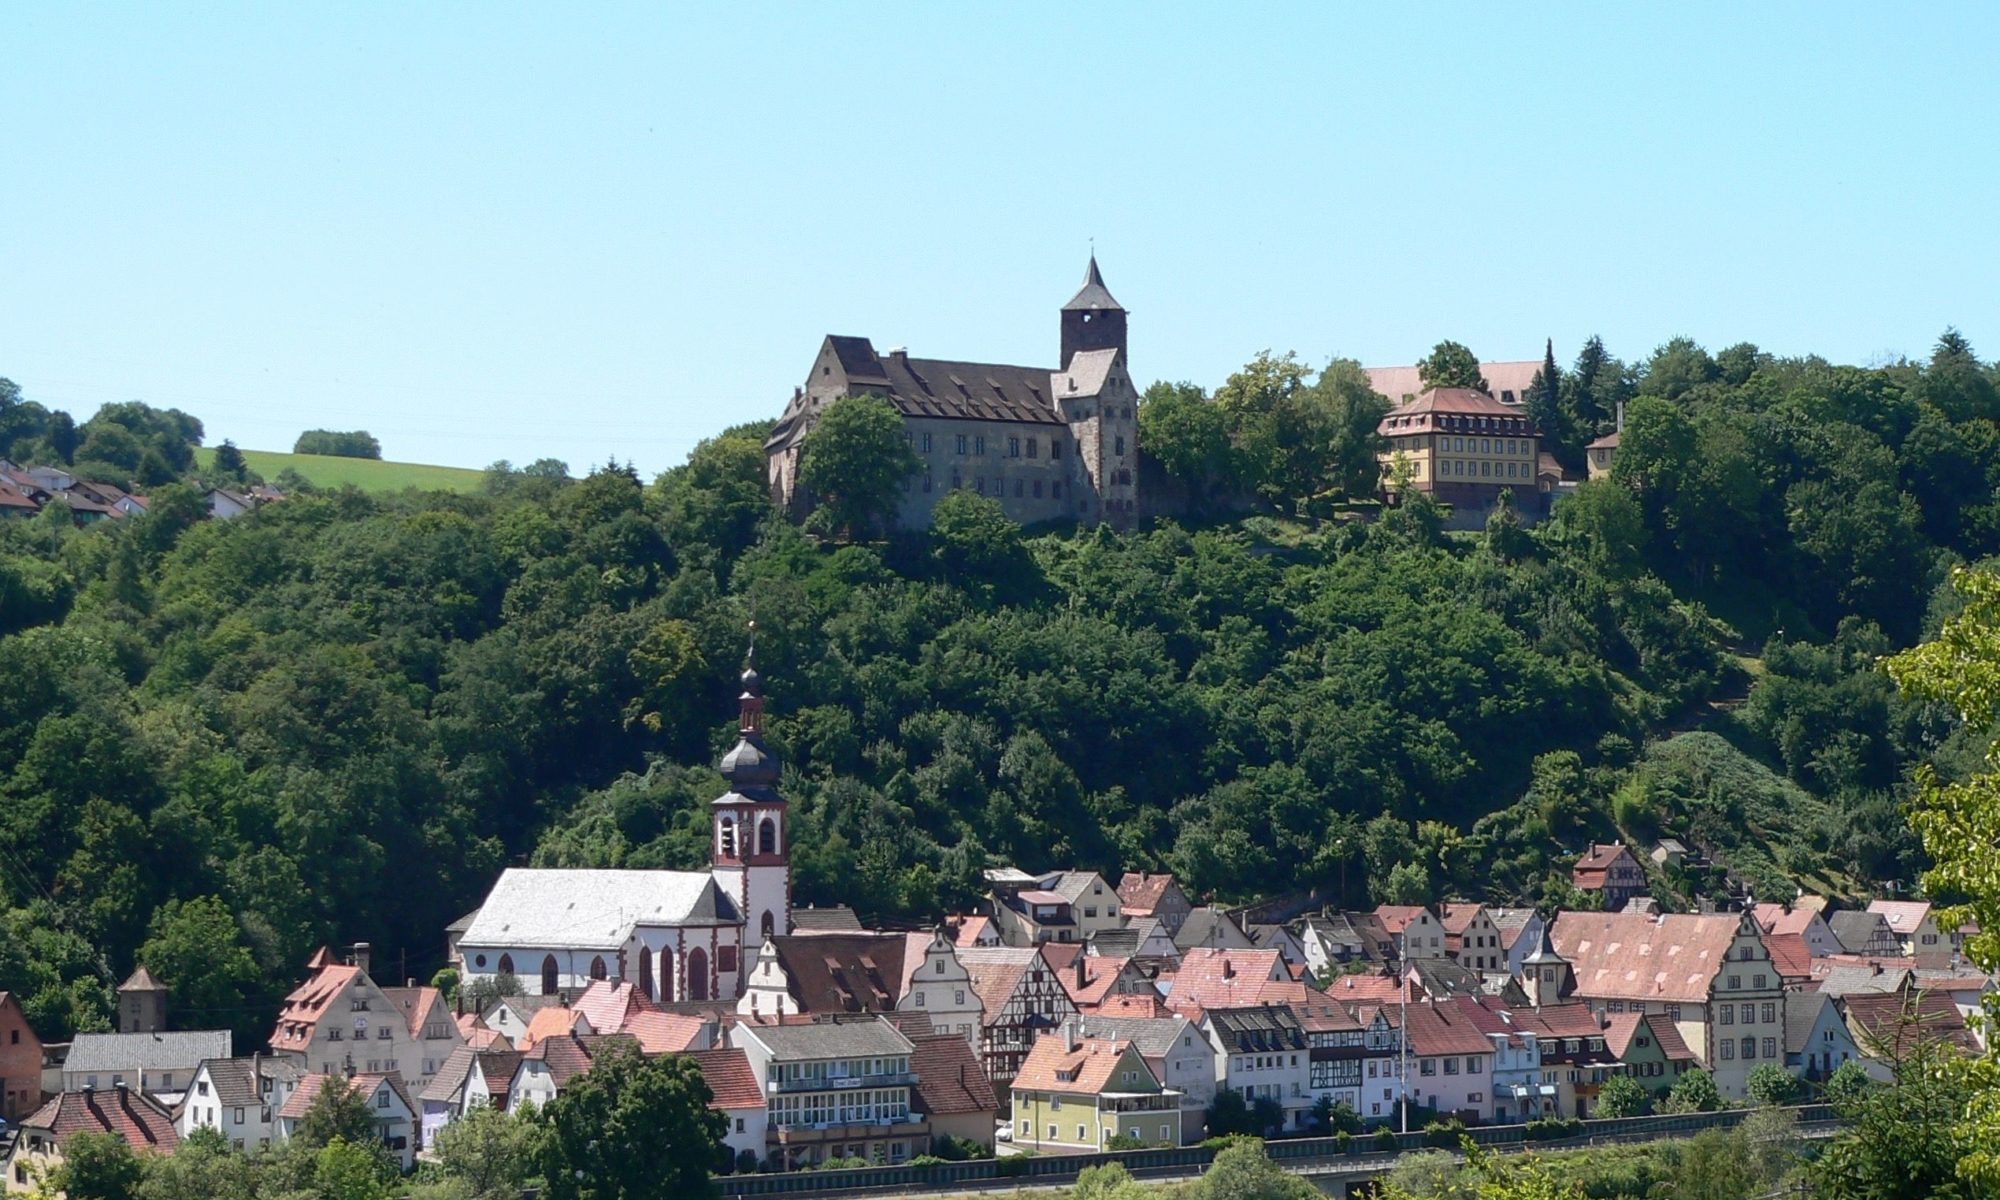 Die Burg Rothenfels krönt quasi die kleinste Stadt Bayerns mit ihrem mittelalterlich geprägten Ortsbild. | Foto: B. Schneider